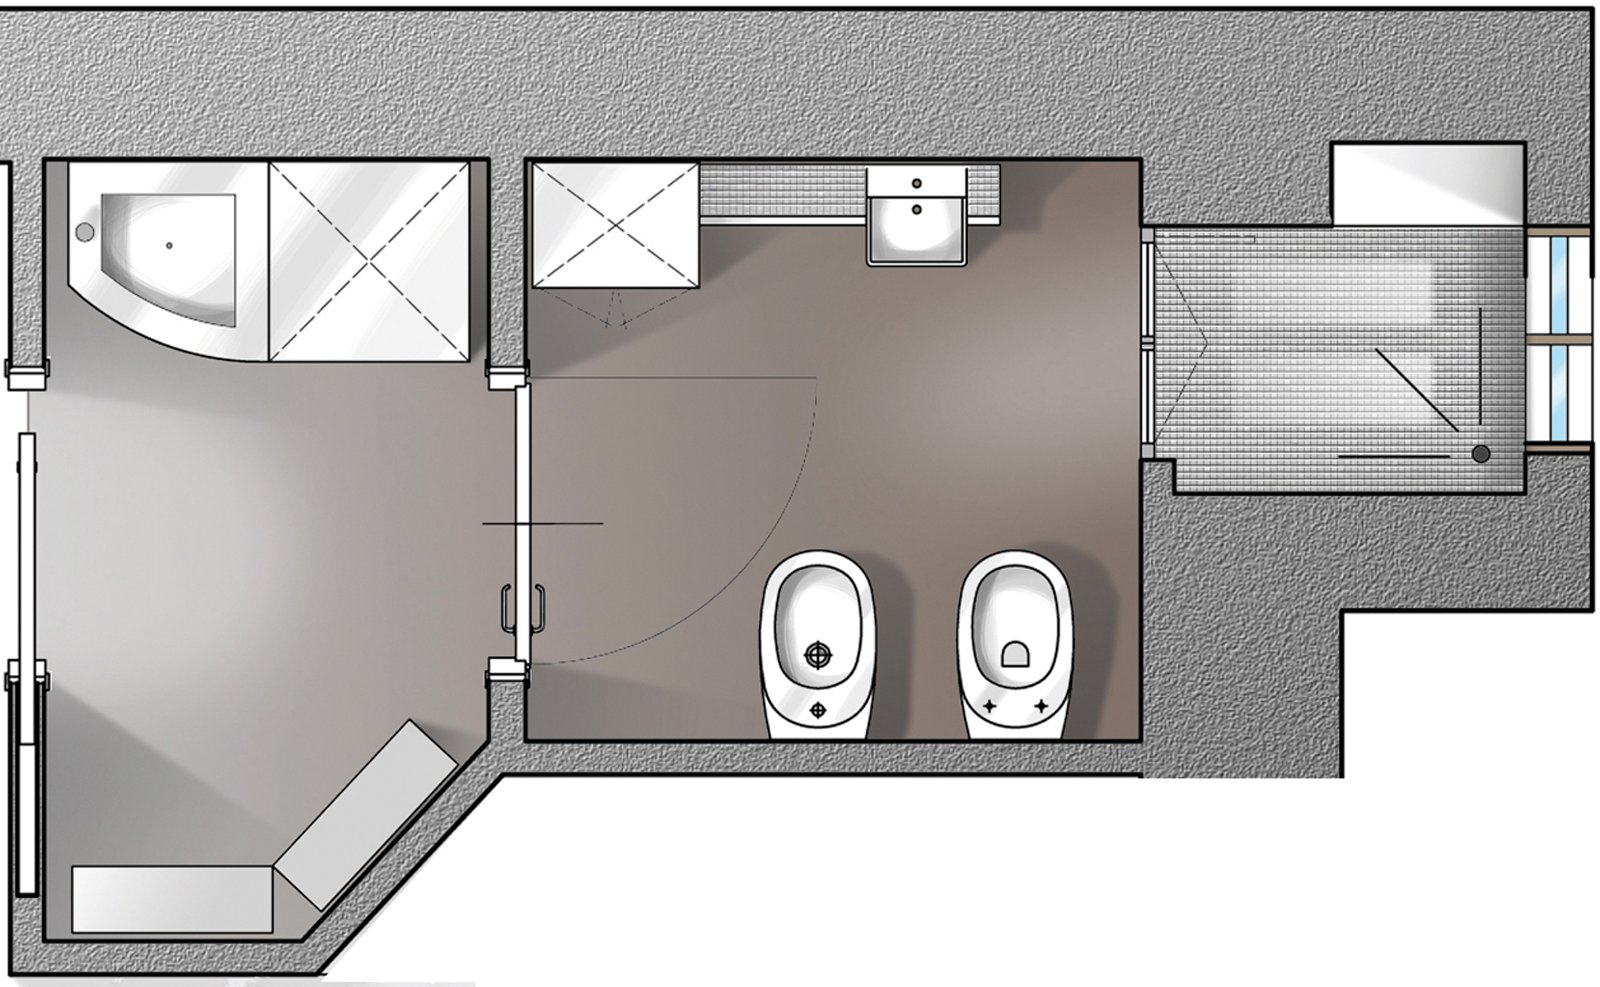 Bagno Cieco Areazione Forzata il bagno a norma - cose di casa